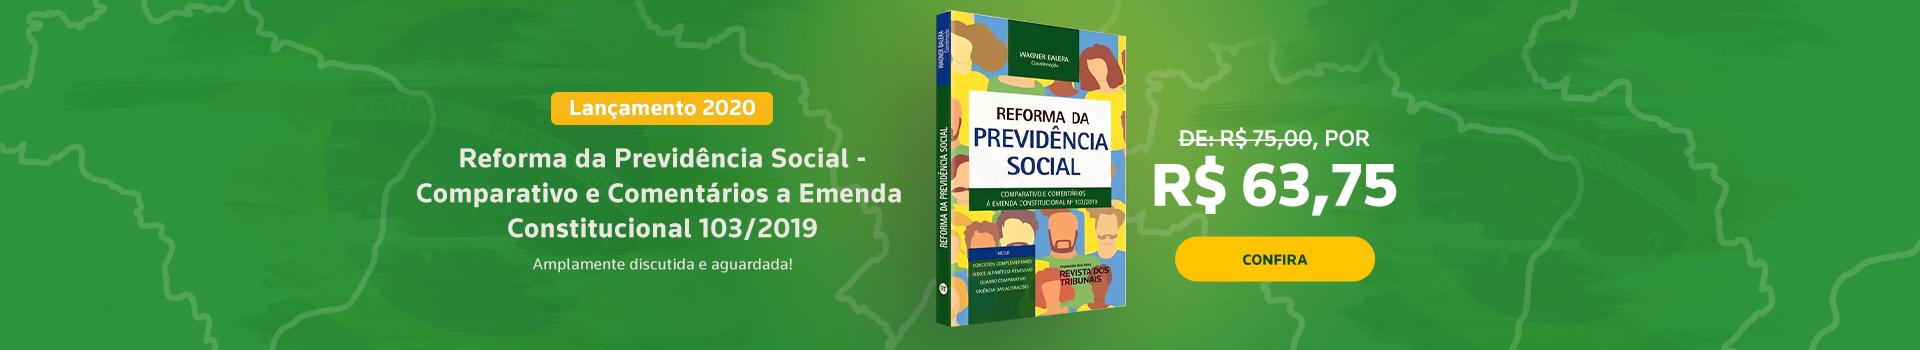 Reforma da Previdência Social - Comparativo e Comentários